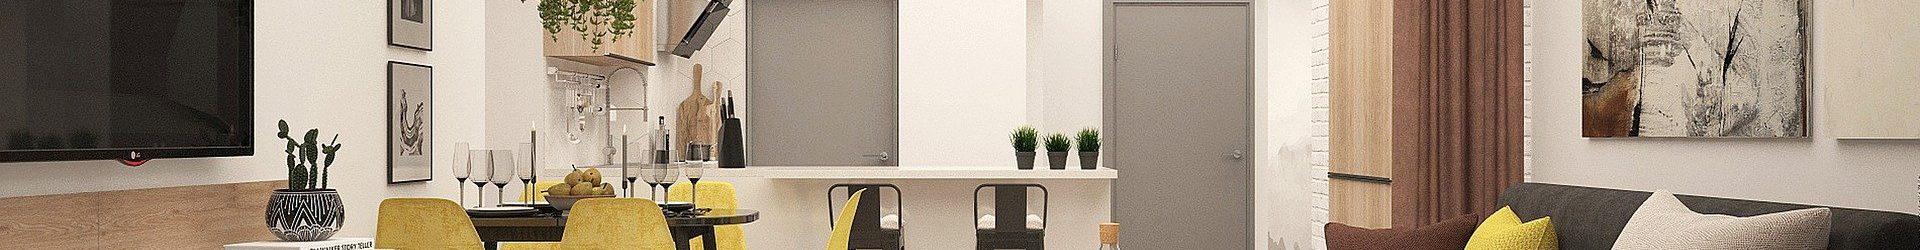 Conseils simples pour décorer votre maison de manière pratique